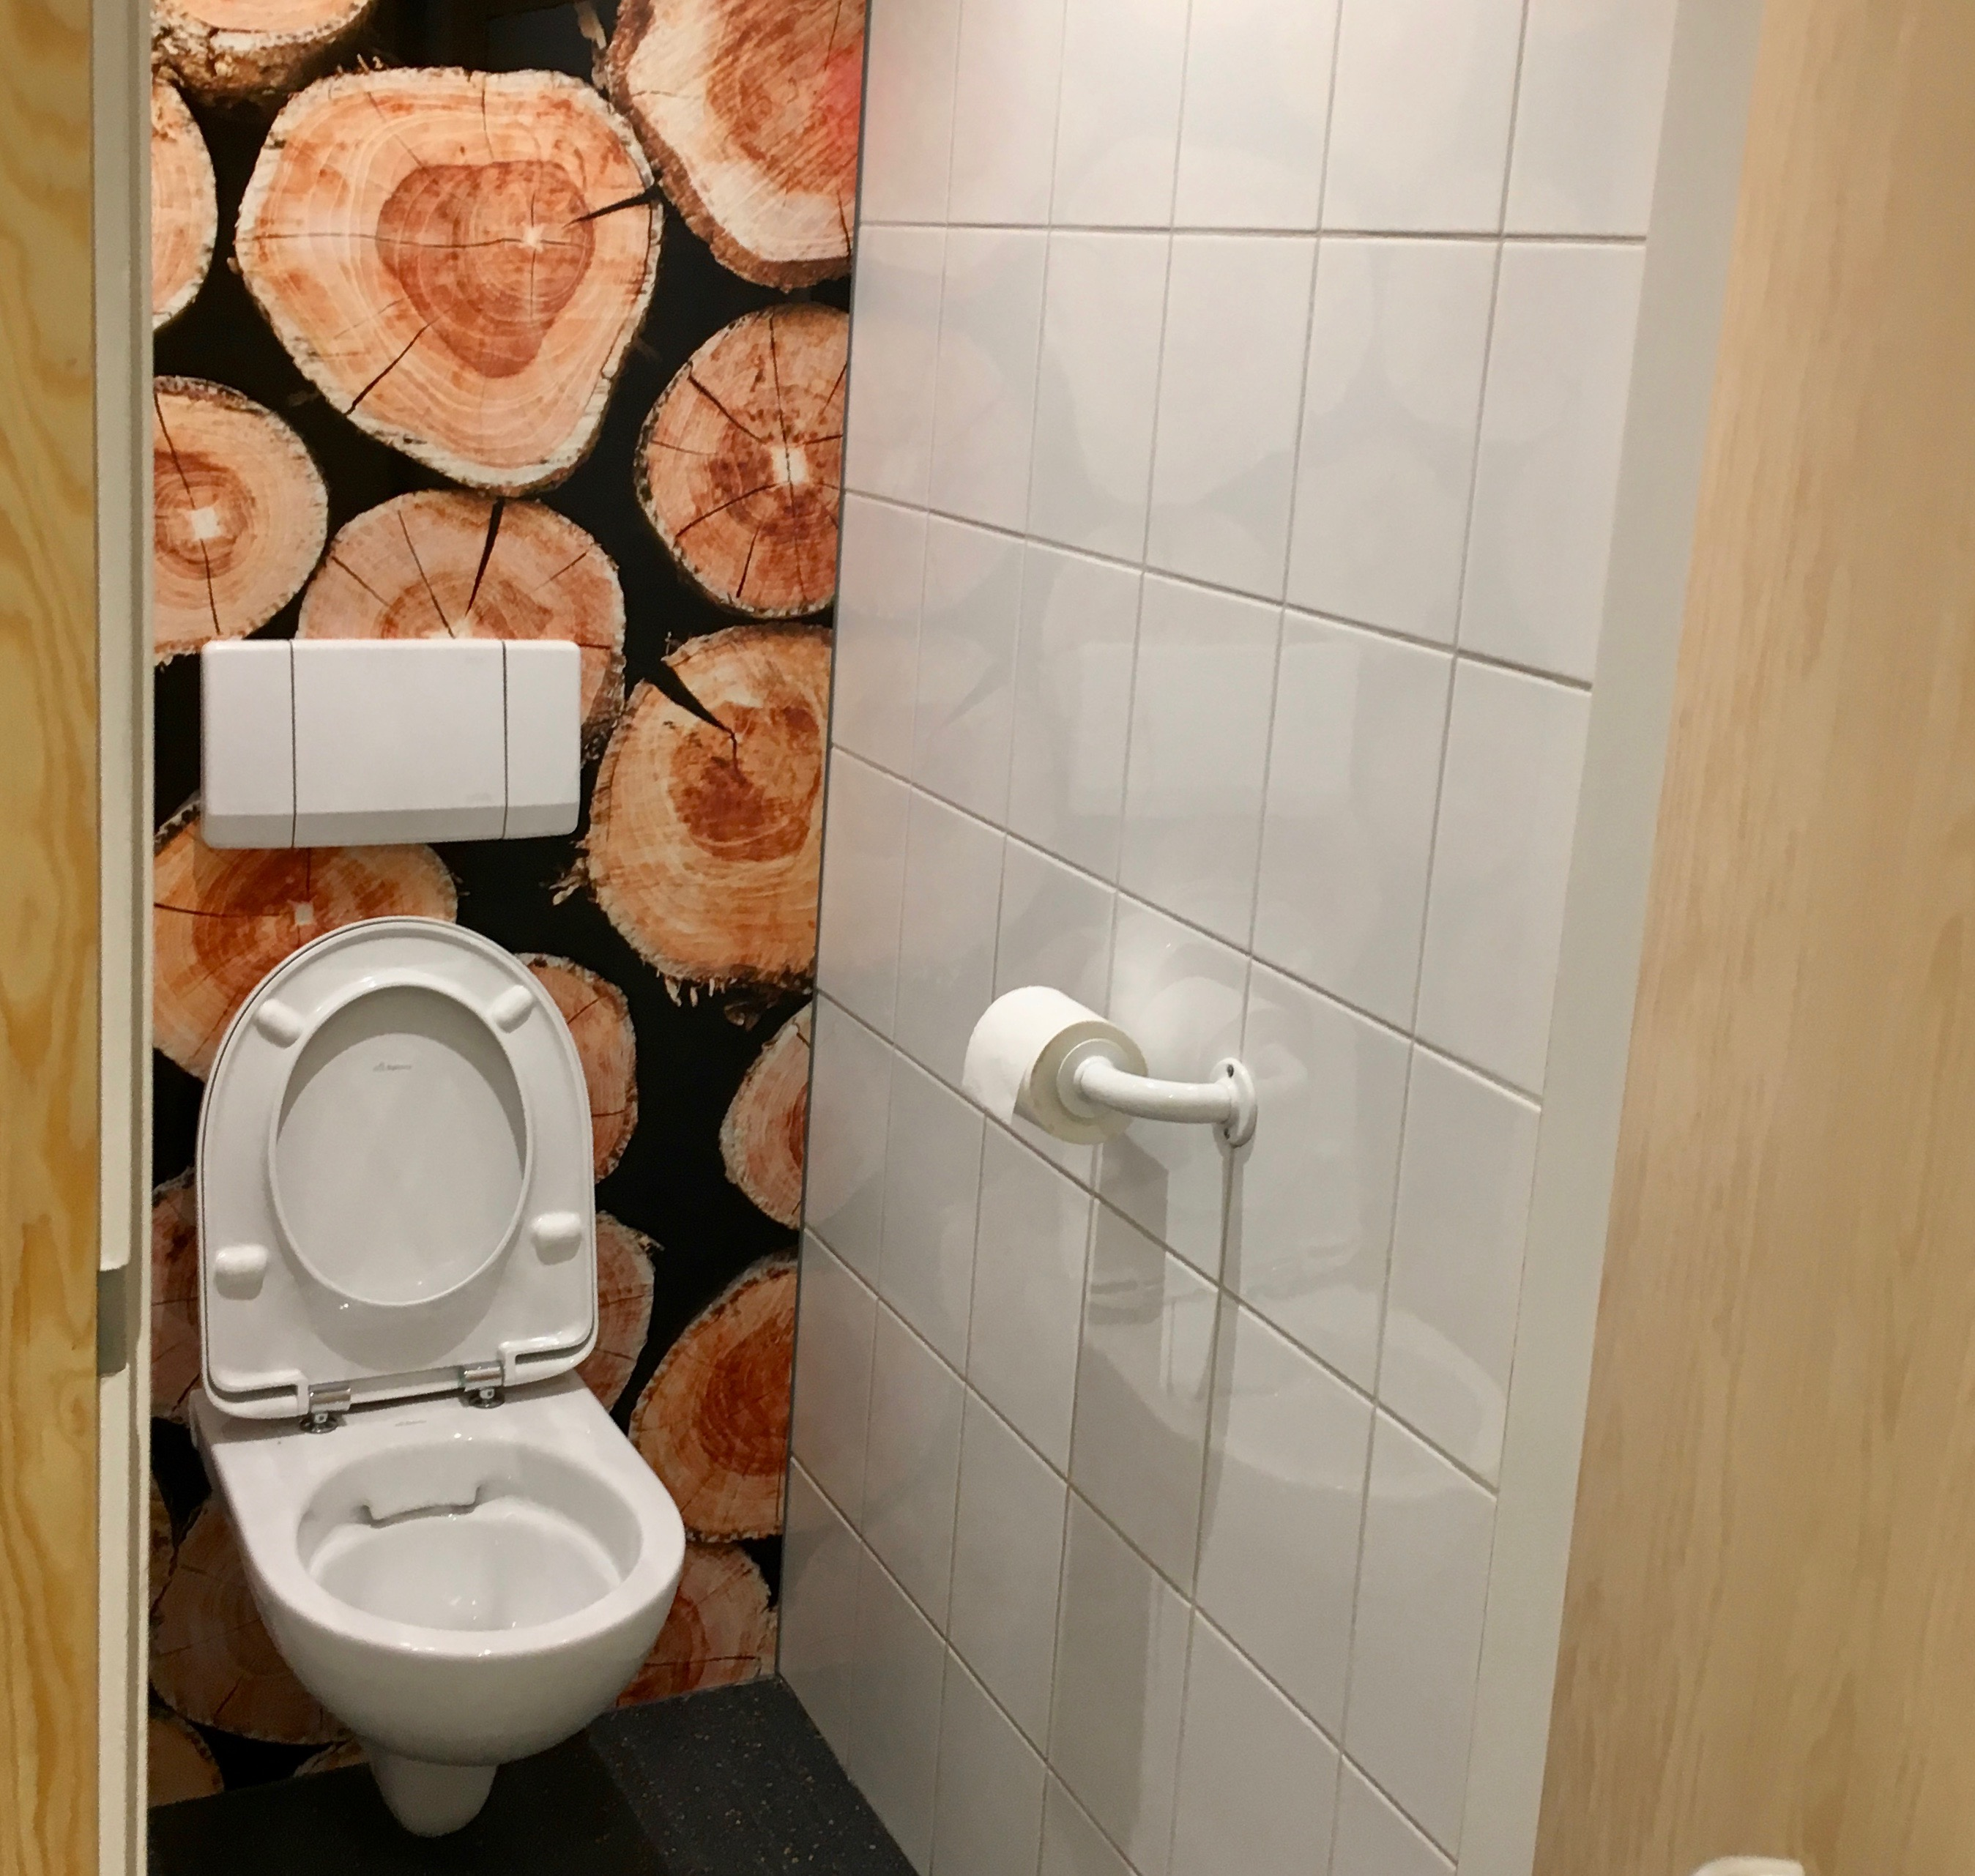 Toletto toiletten Meplax 2jpeg